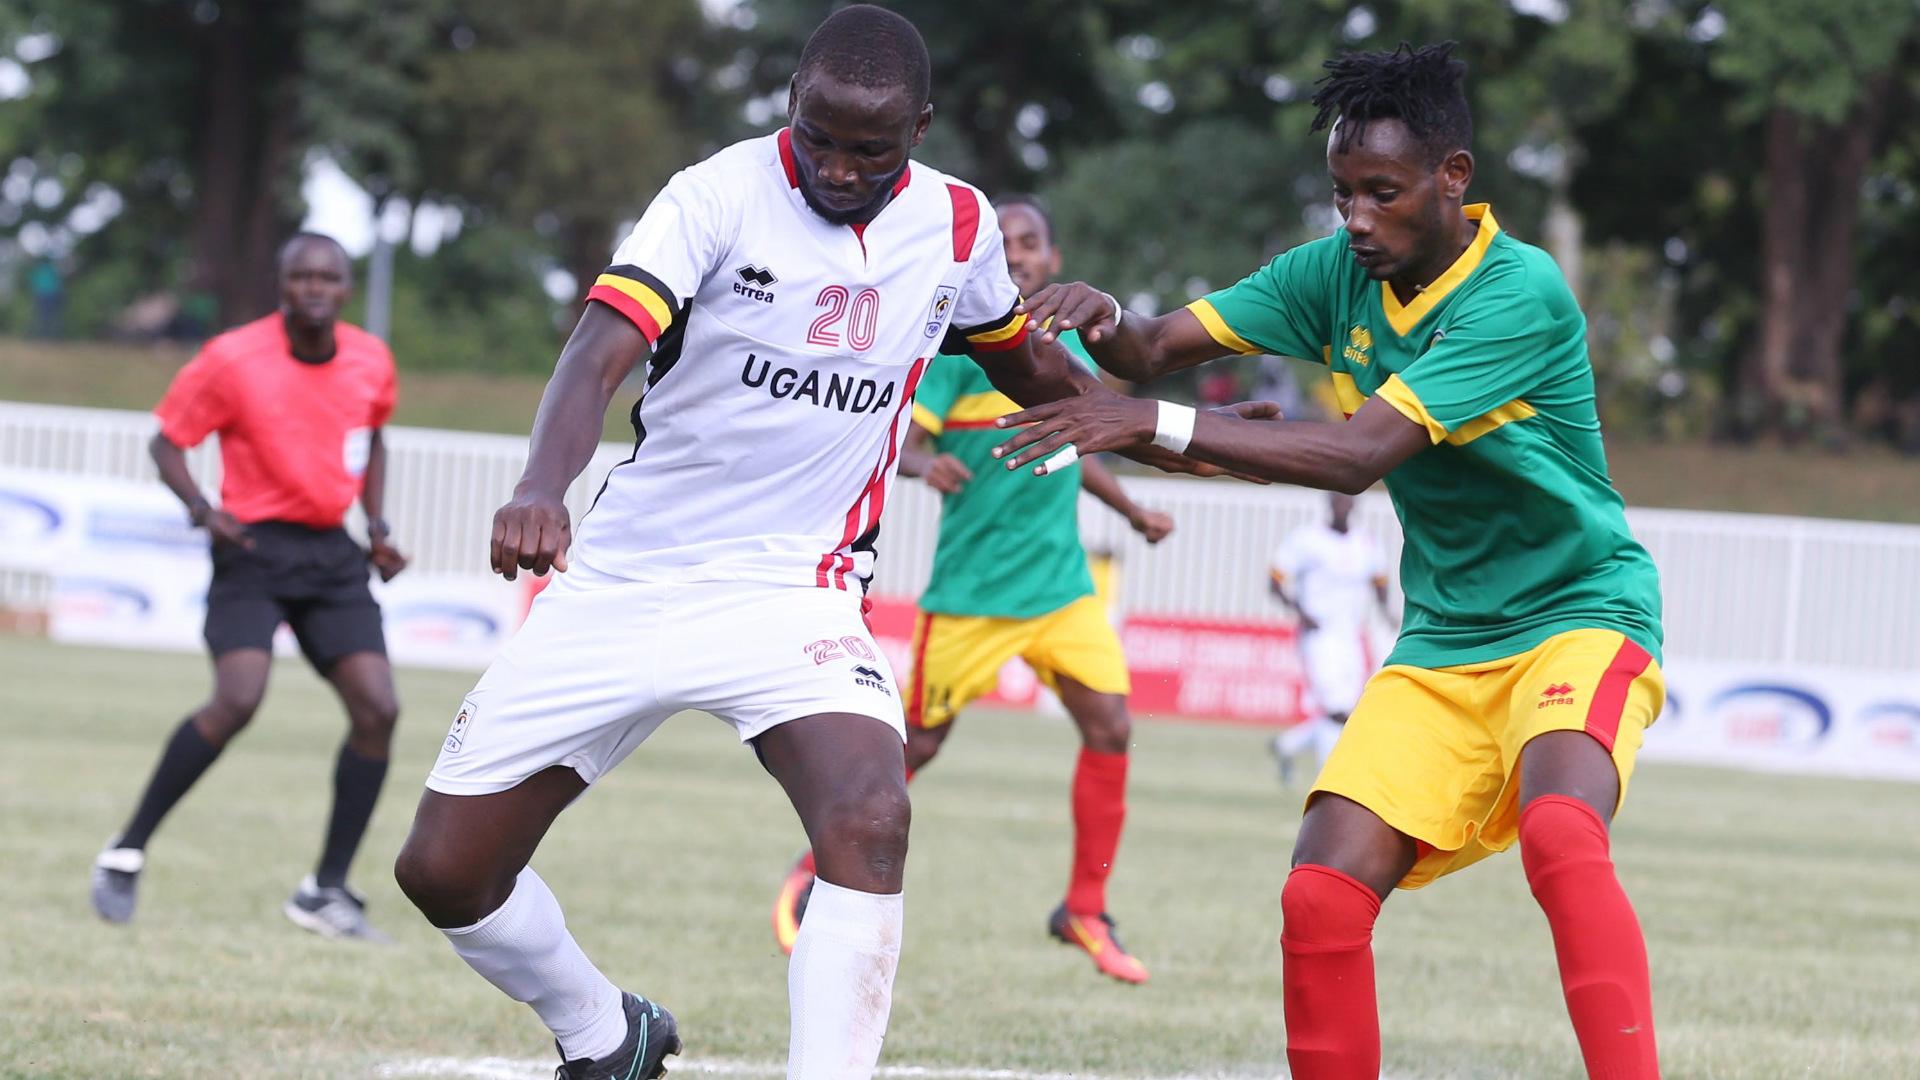 KCCA man lights up Ugandans to next level